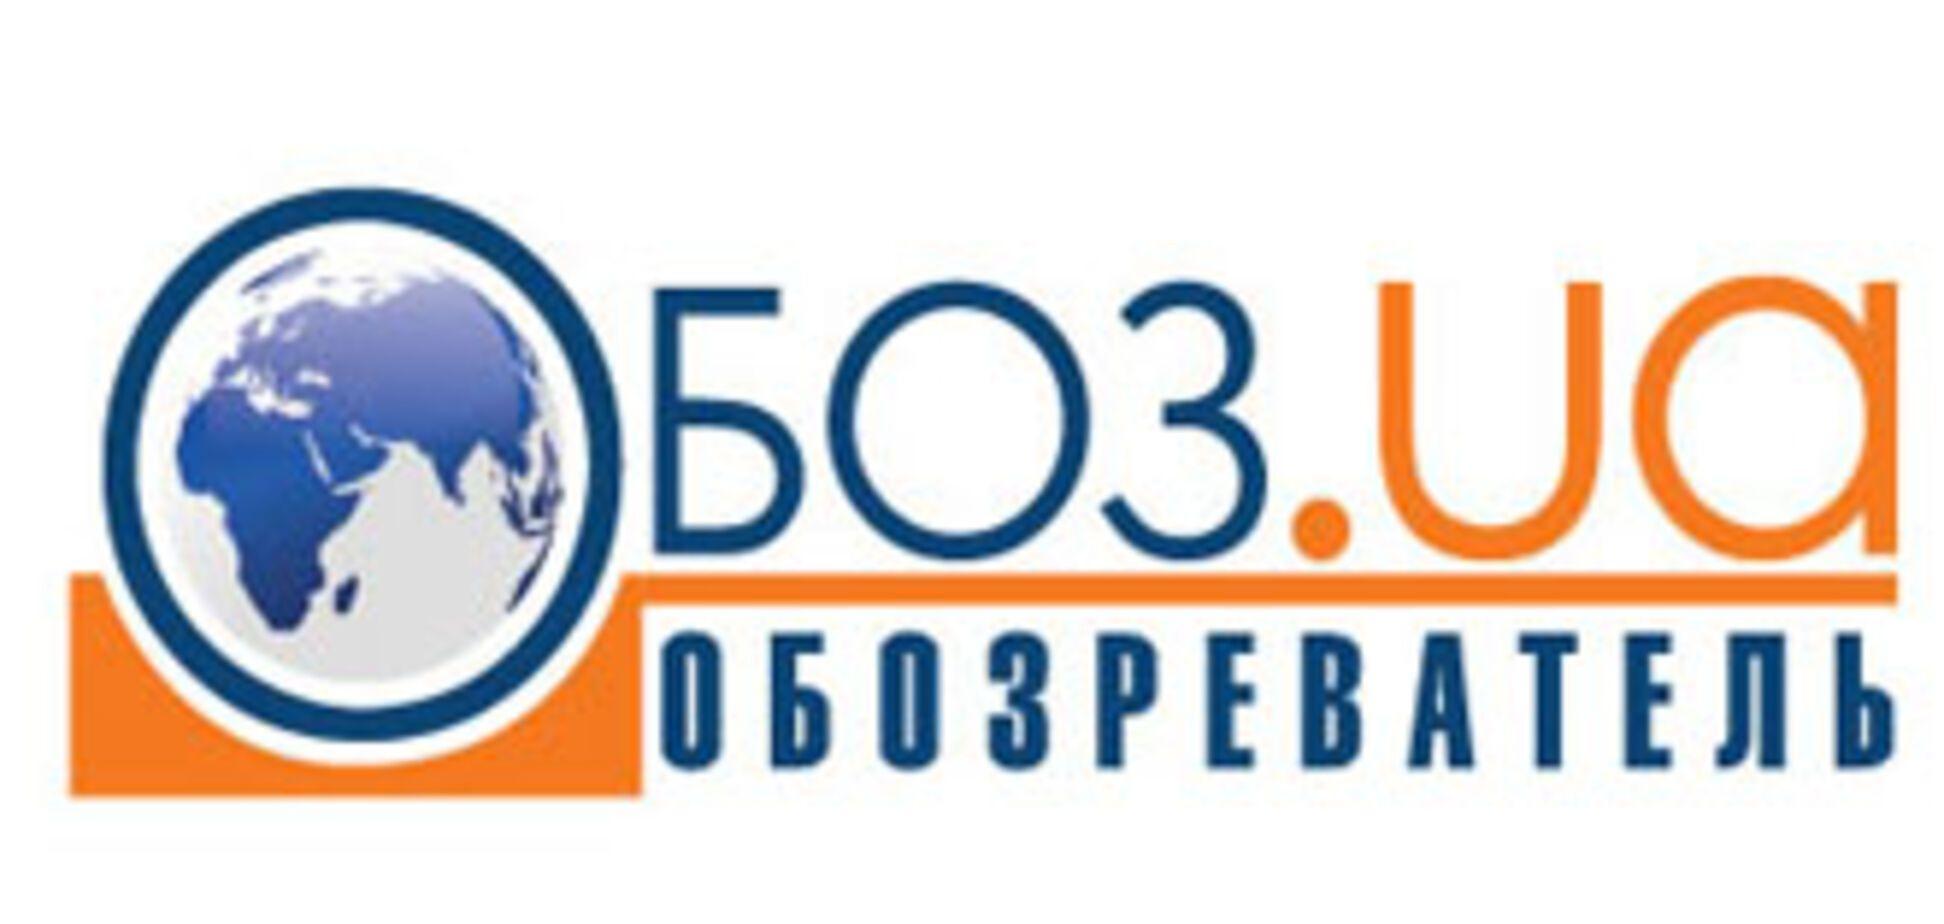 ТОП-10 на 'Обозревателе': кращі статті за тиждень, 10 серпня 2010